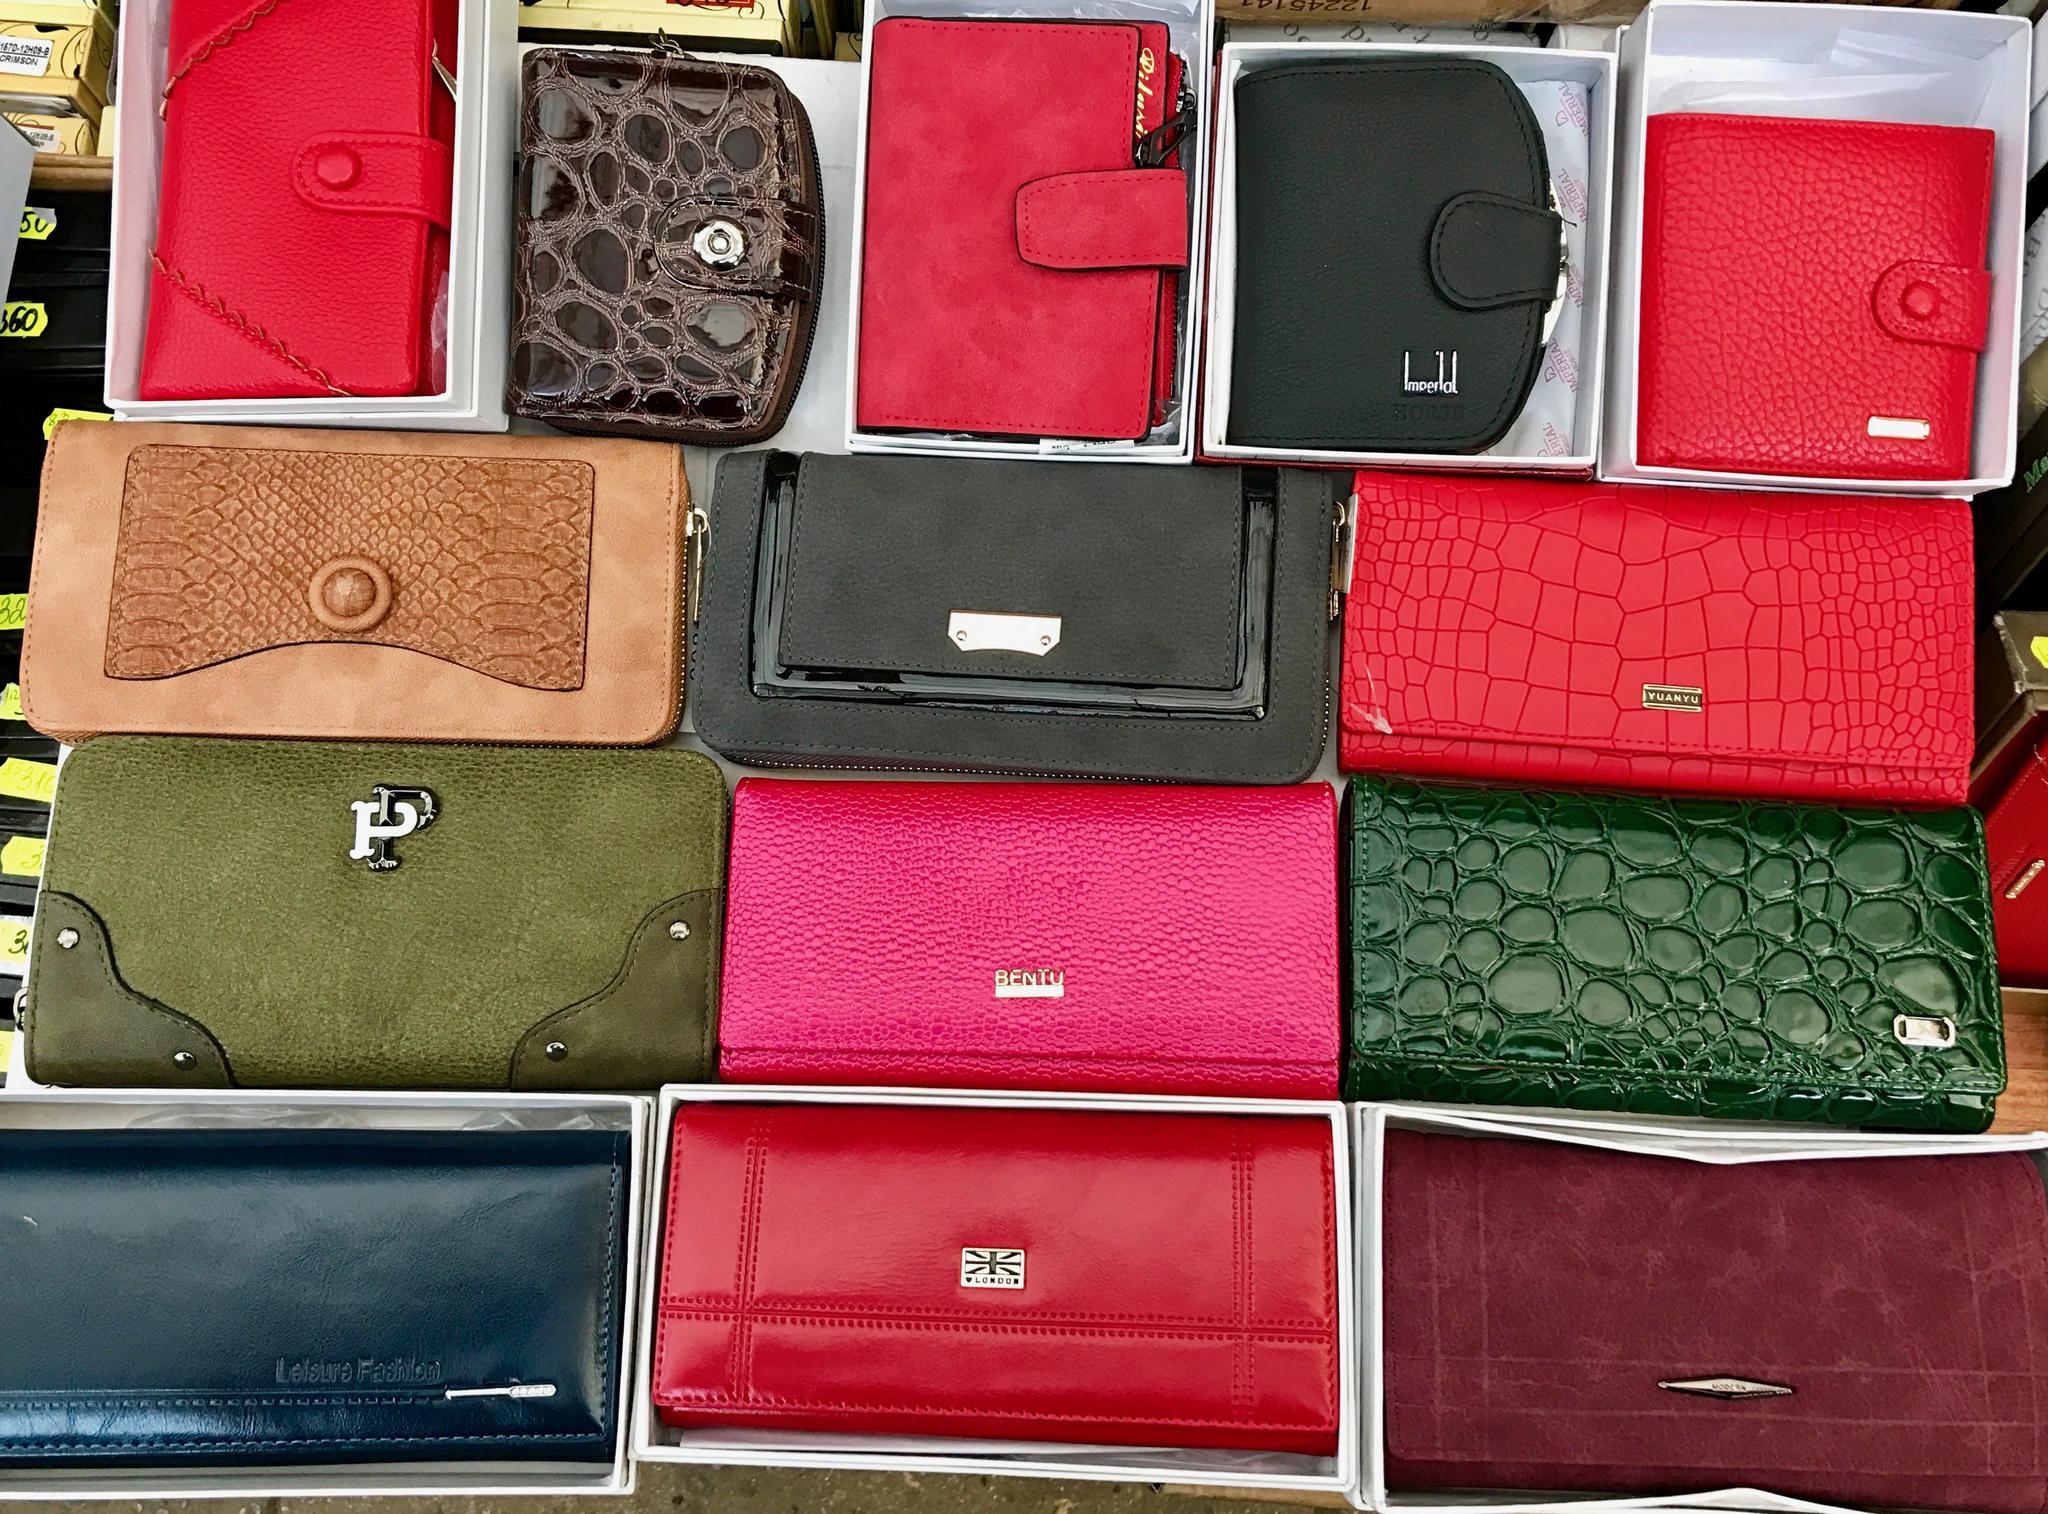 cdef23f9888e кошельки мужские и женские купить дешево,чемоданы,барсетки,кошельки опт и  розница,кошельки,портмоне,бумажники,новинки кошельков,скидки на  кошелек,акция на ...